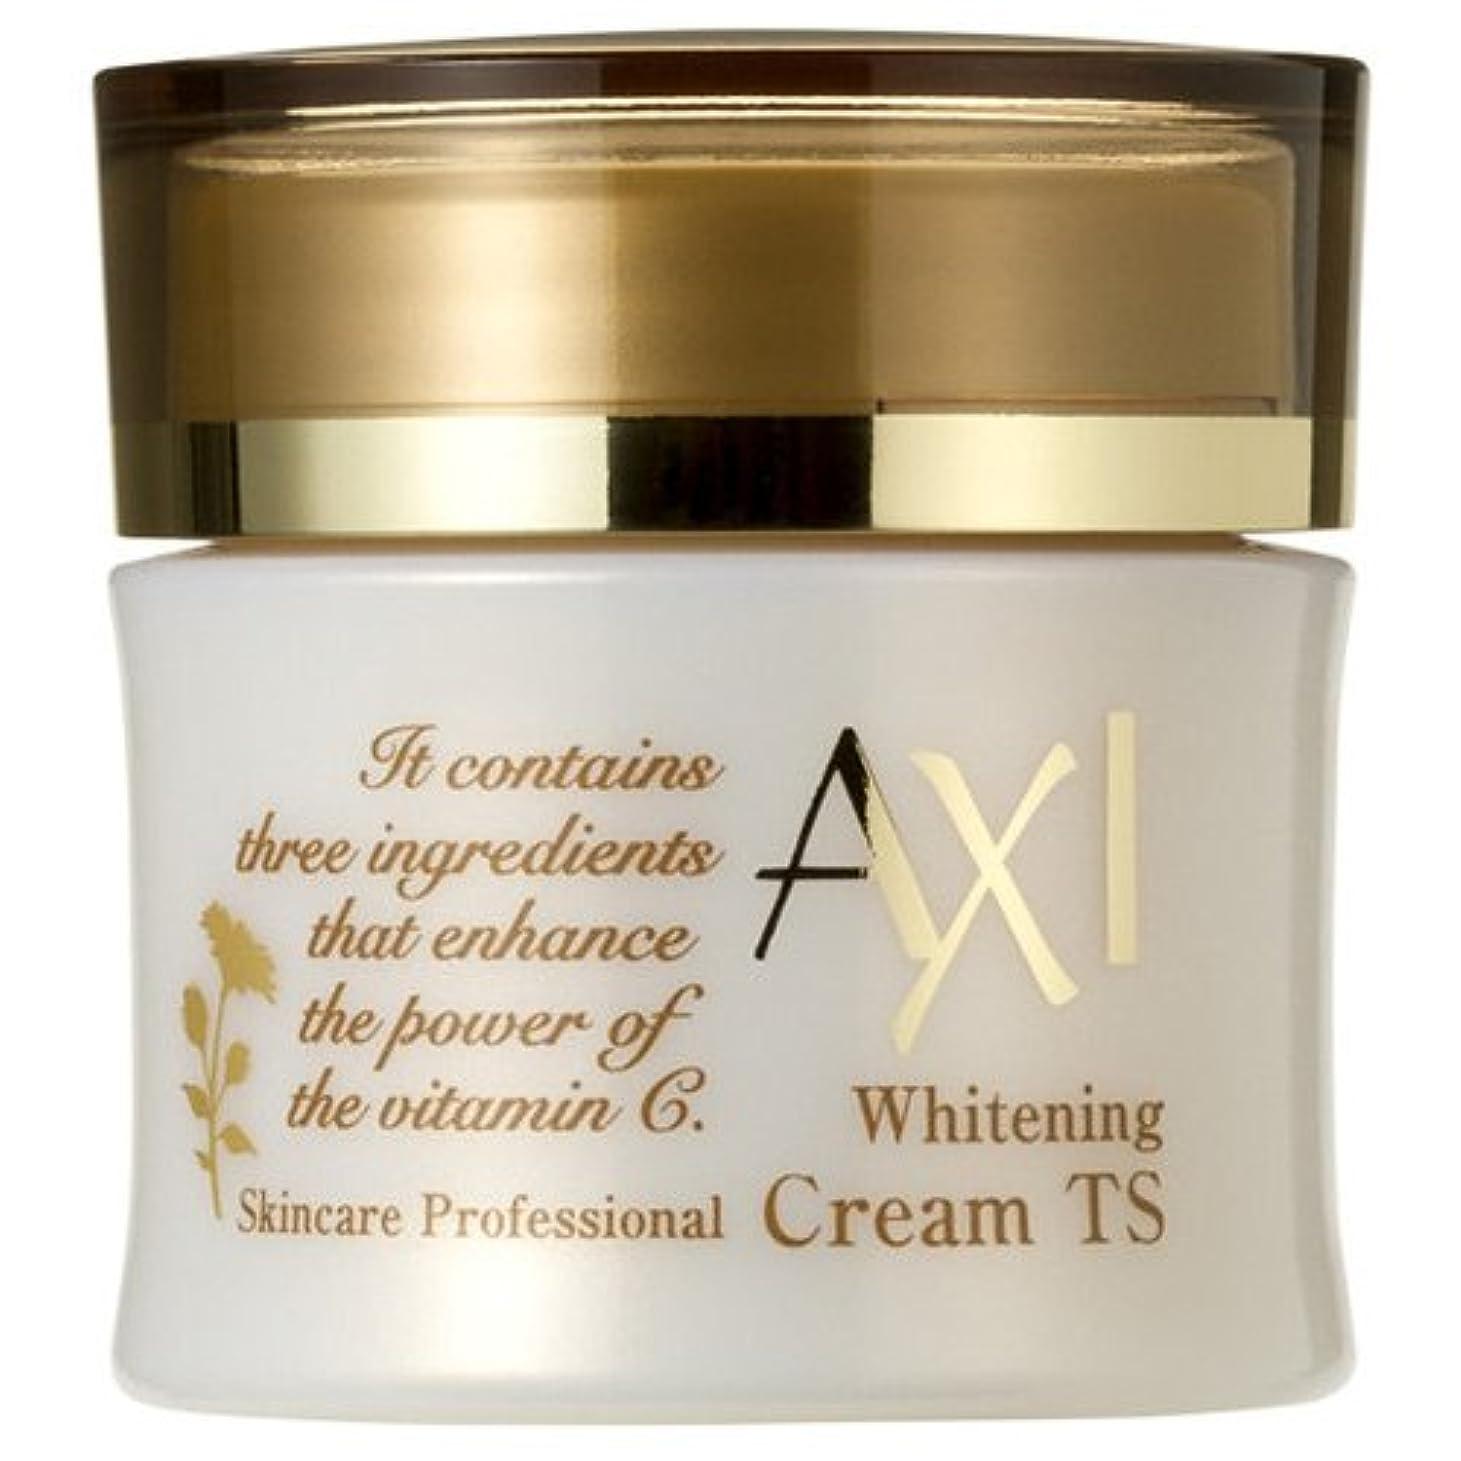 大きなスケールで見ると和割り当てクオレ AXI ホワイトニング クリーム TS 35g 医薬部外品